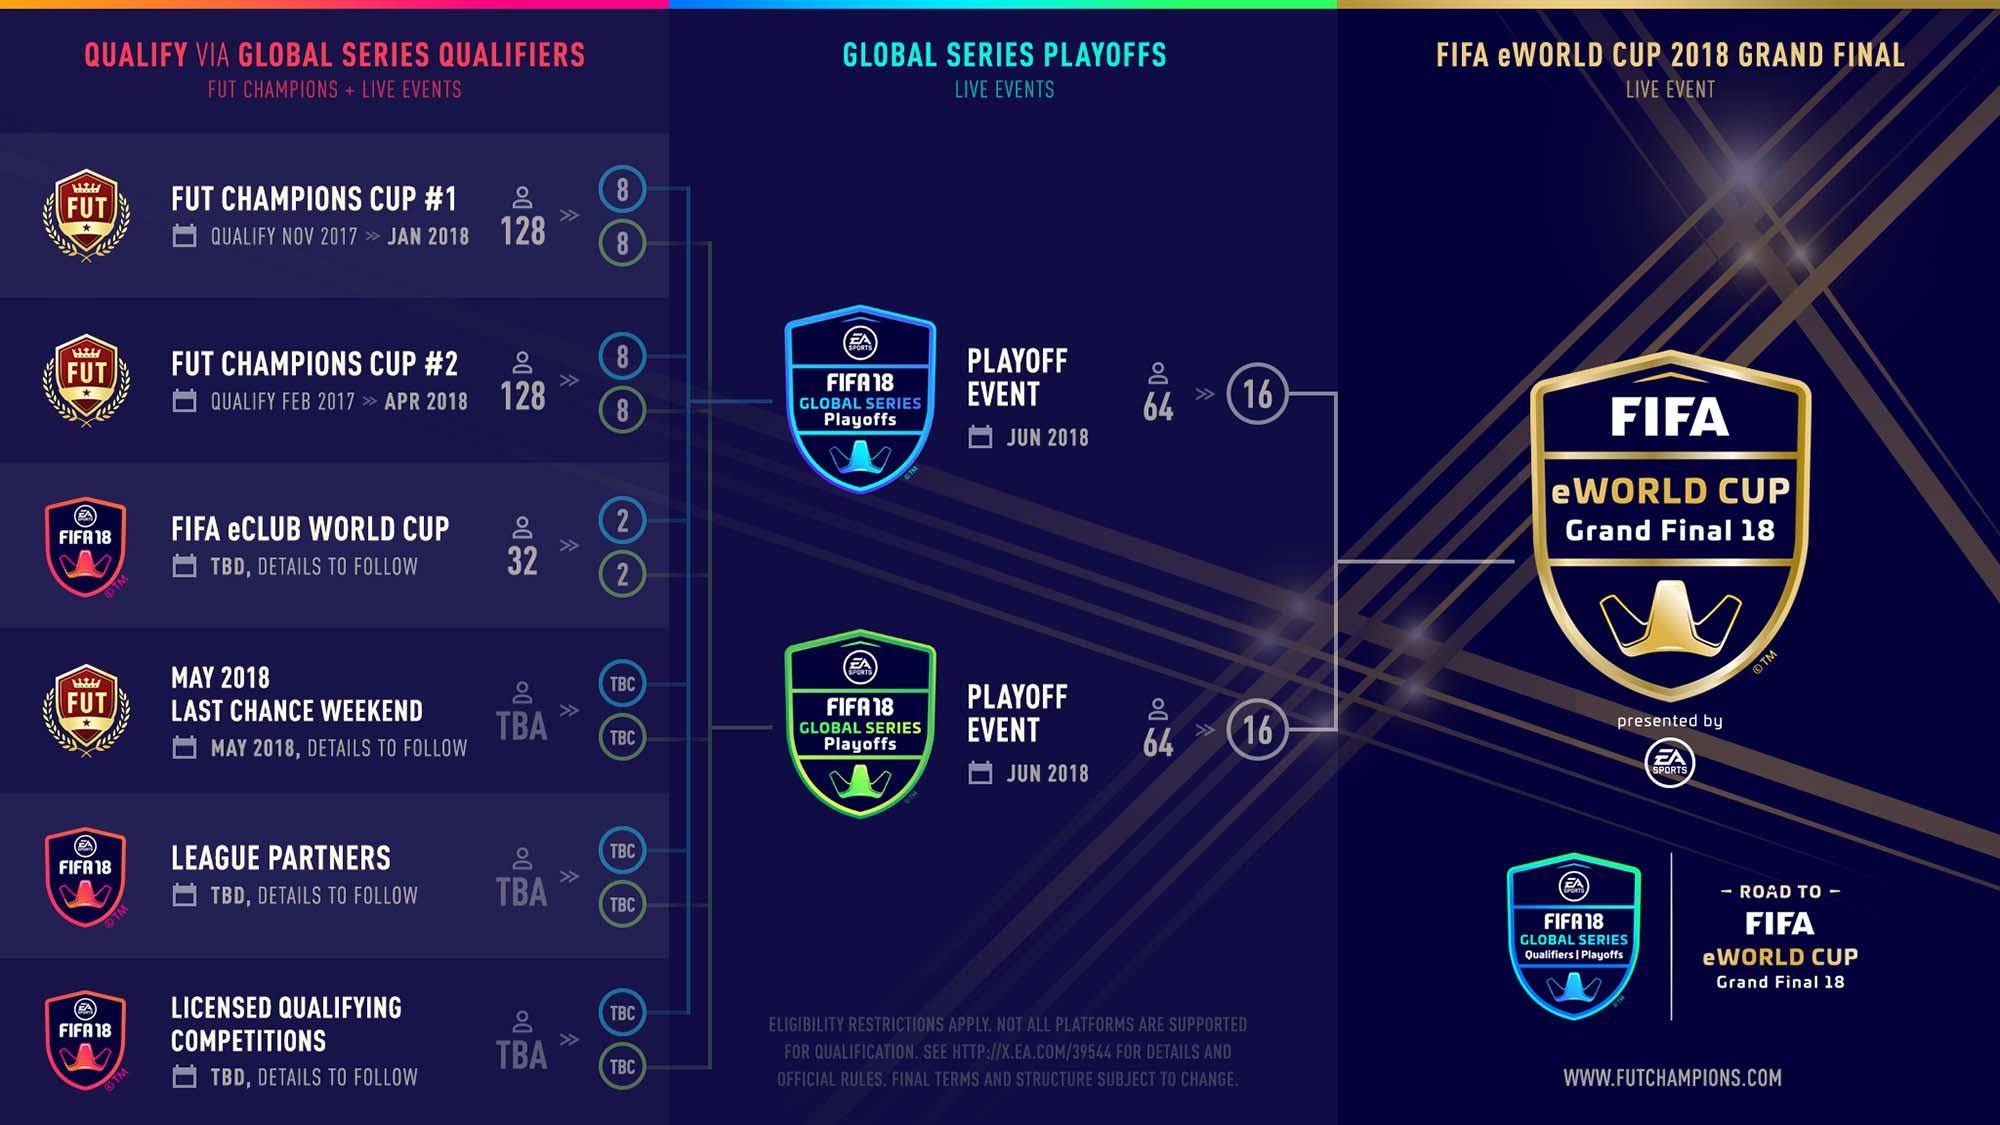 Calendrier Qualification Coupe Du Monde.Ea Annonce La Eworld Cup Sur Fifa 2018 En Meme Temps Que La